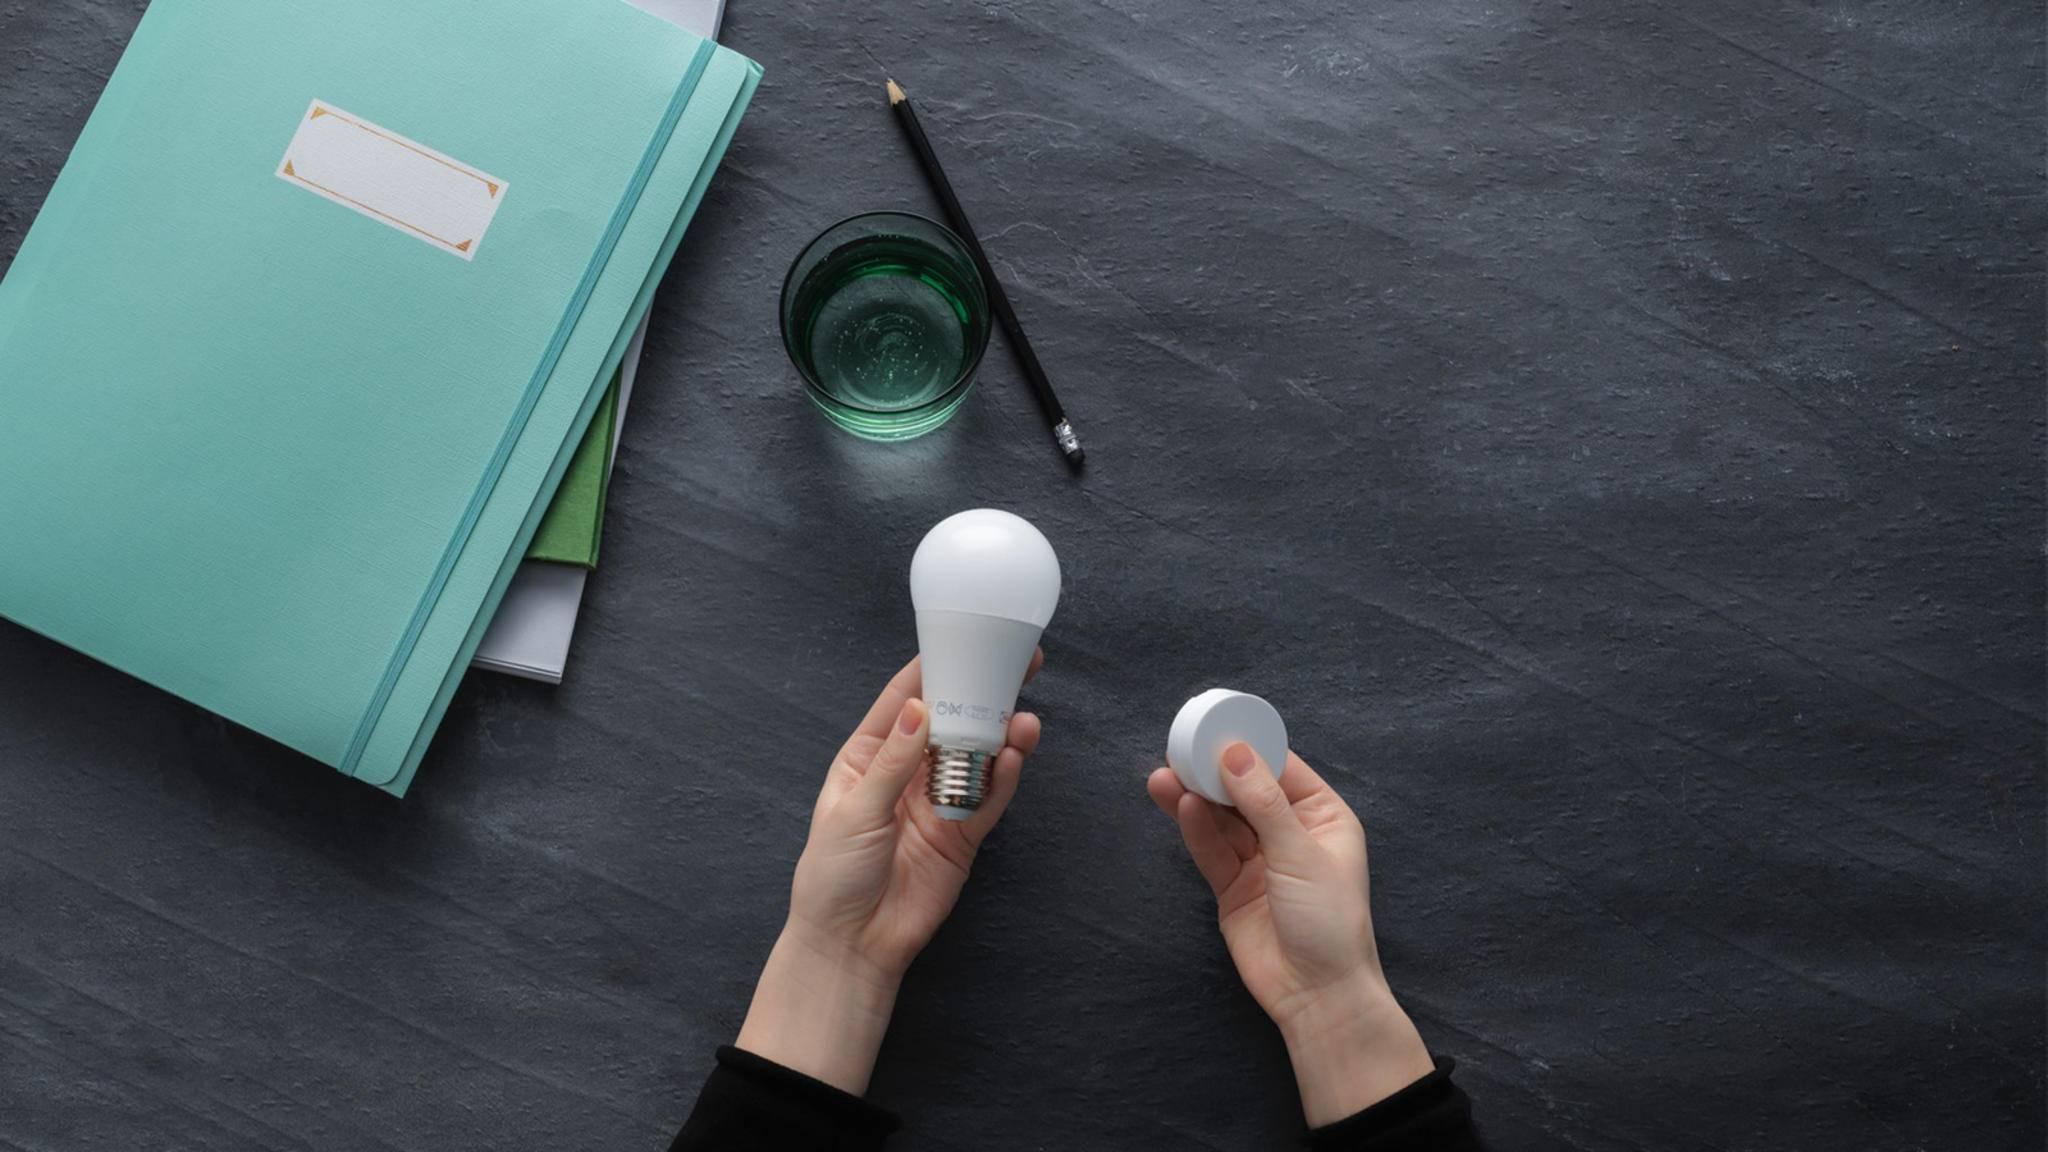 Nach Symfonisk: Ikea treibt das Smart Home weiter voran